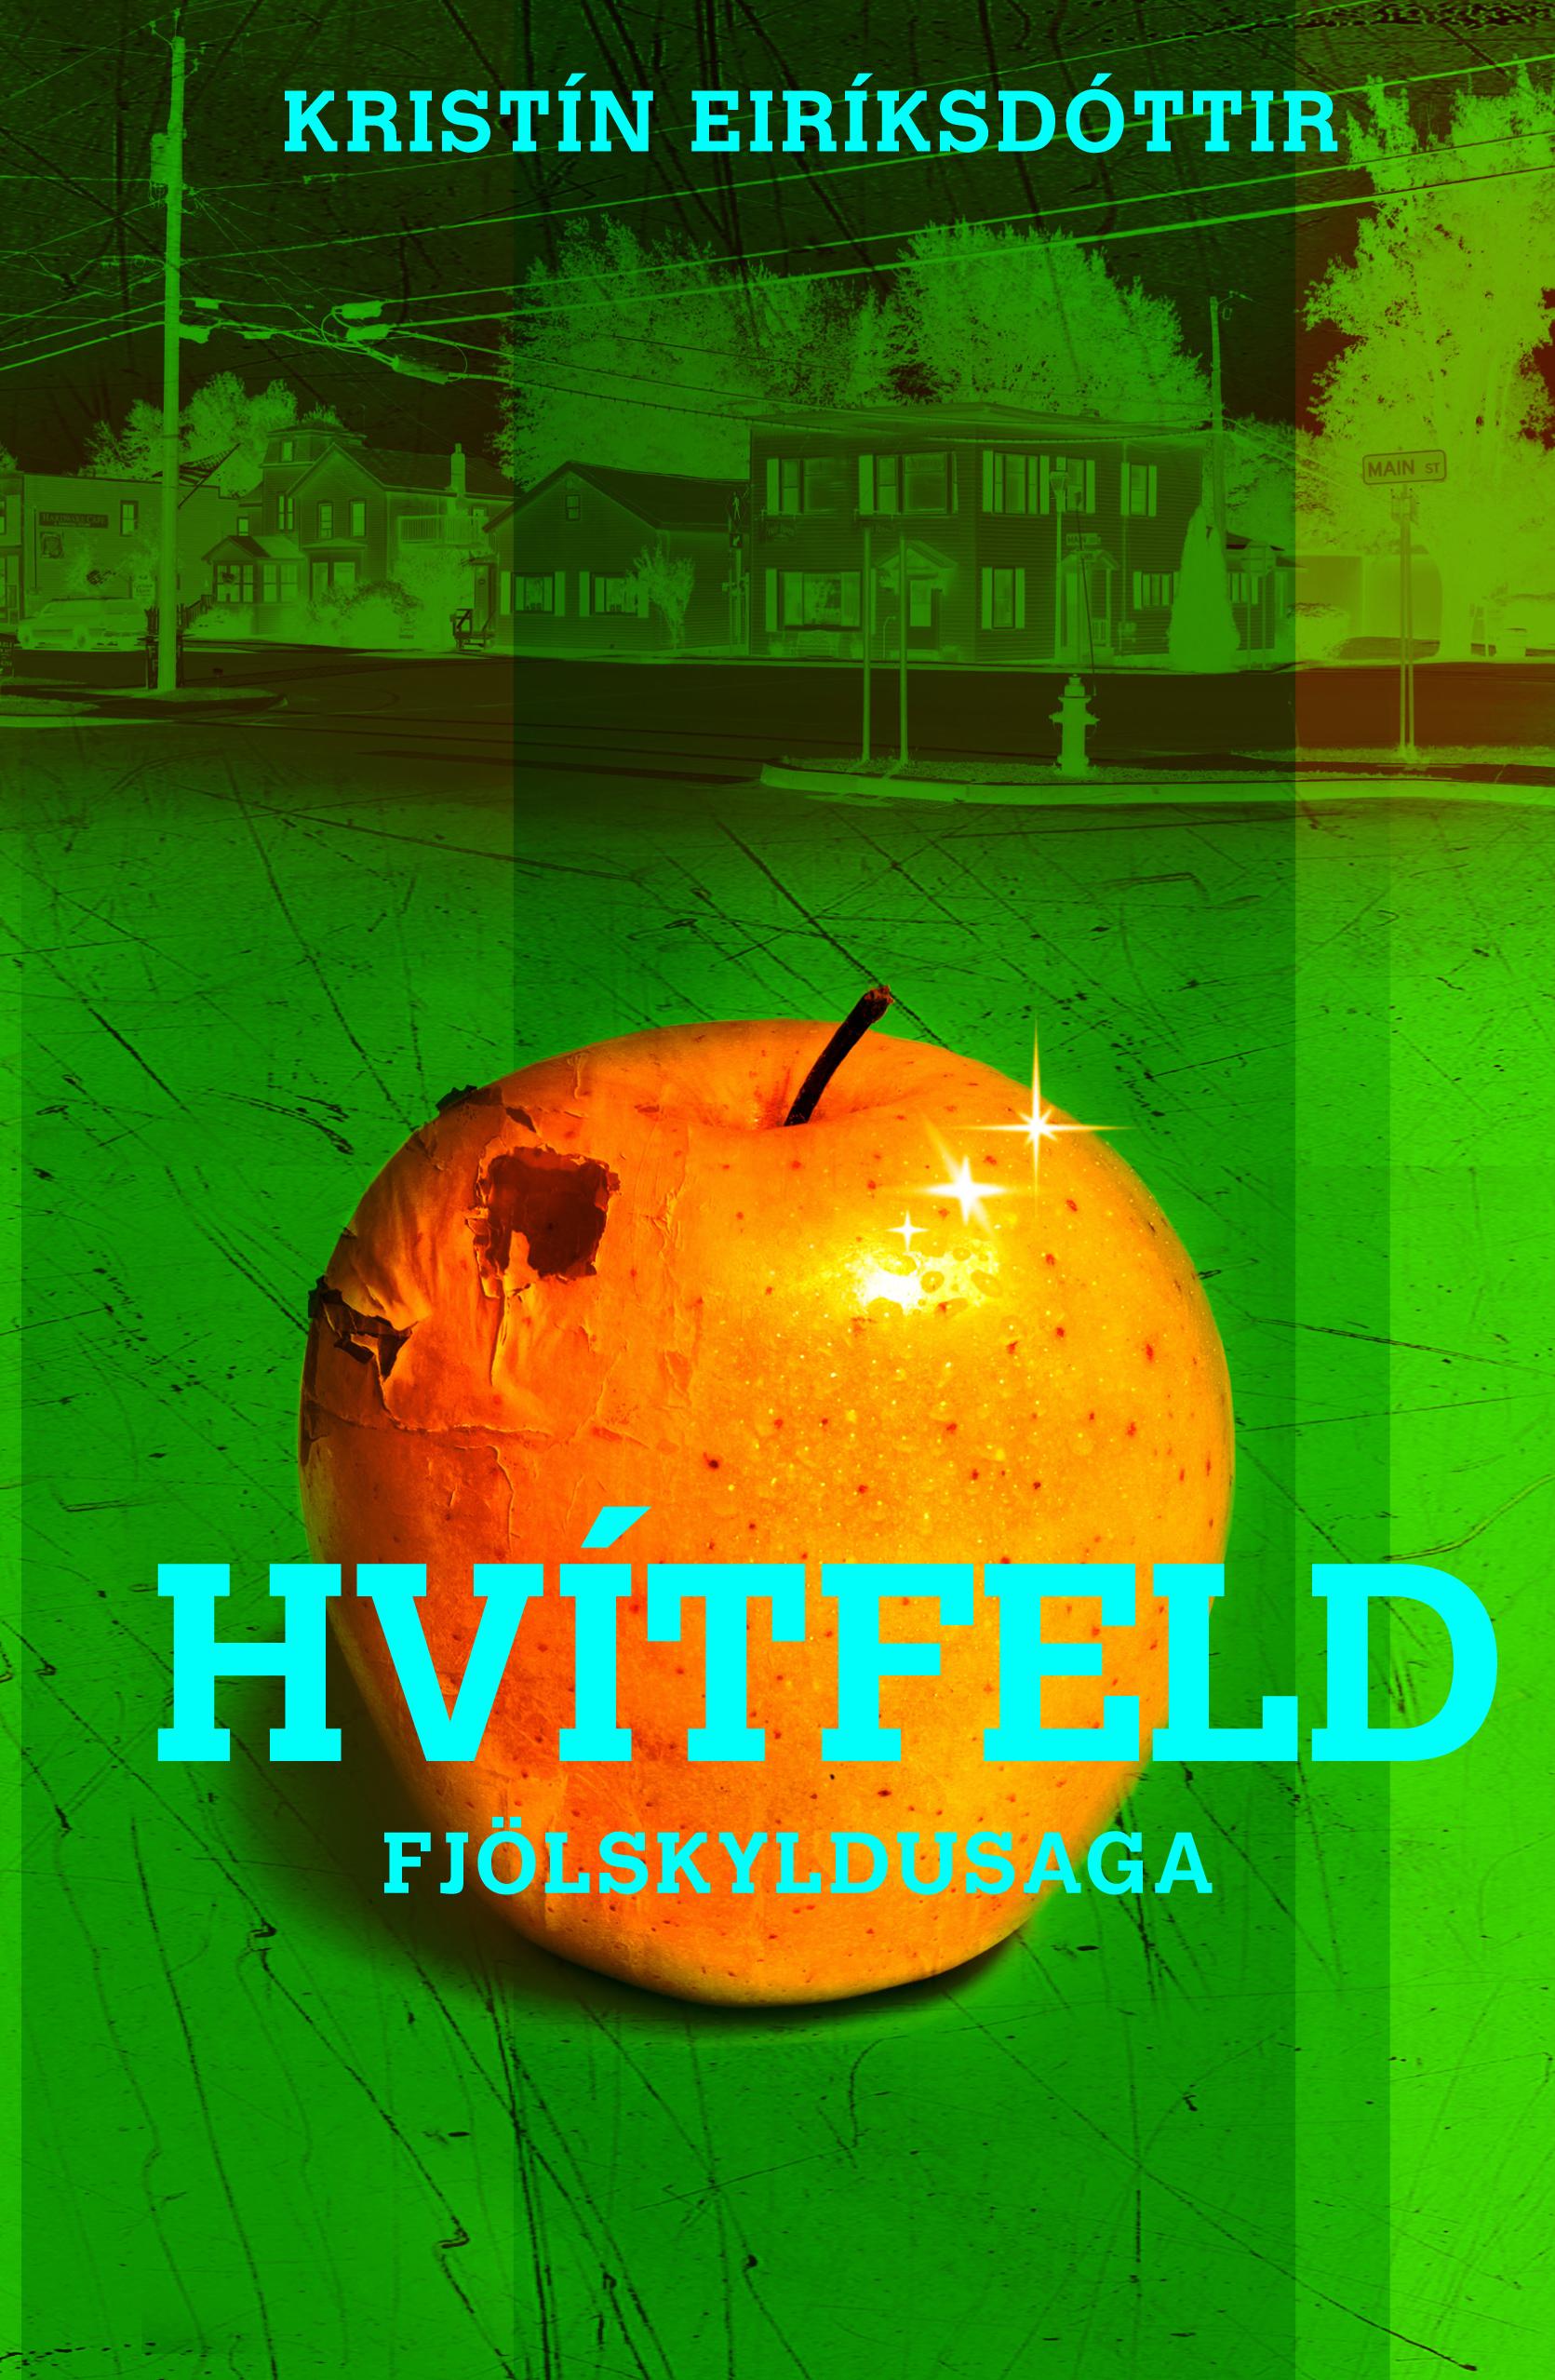 Hvítfeld – fjölskyldusaga